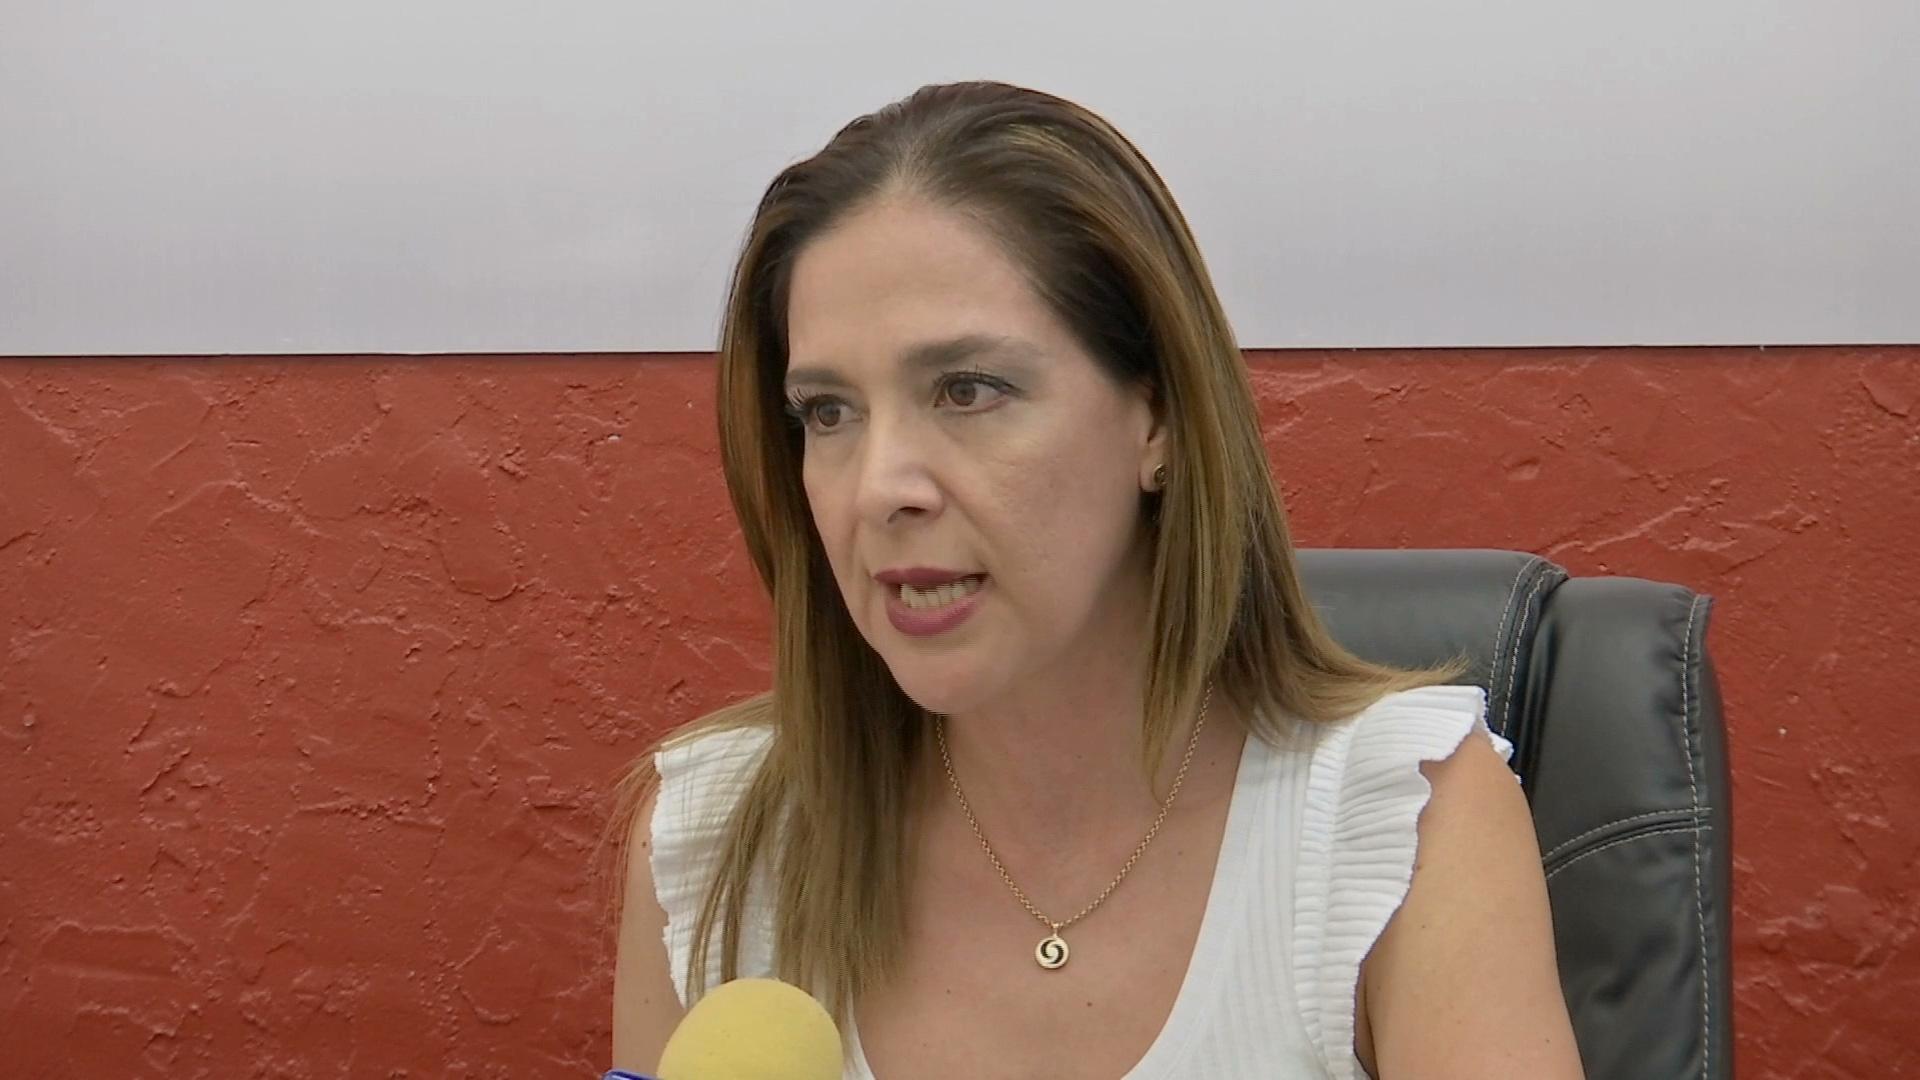 Profeco alerta sobre agencia de viajes fraudulenta en Veracruz